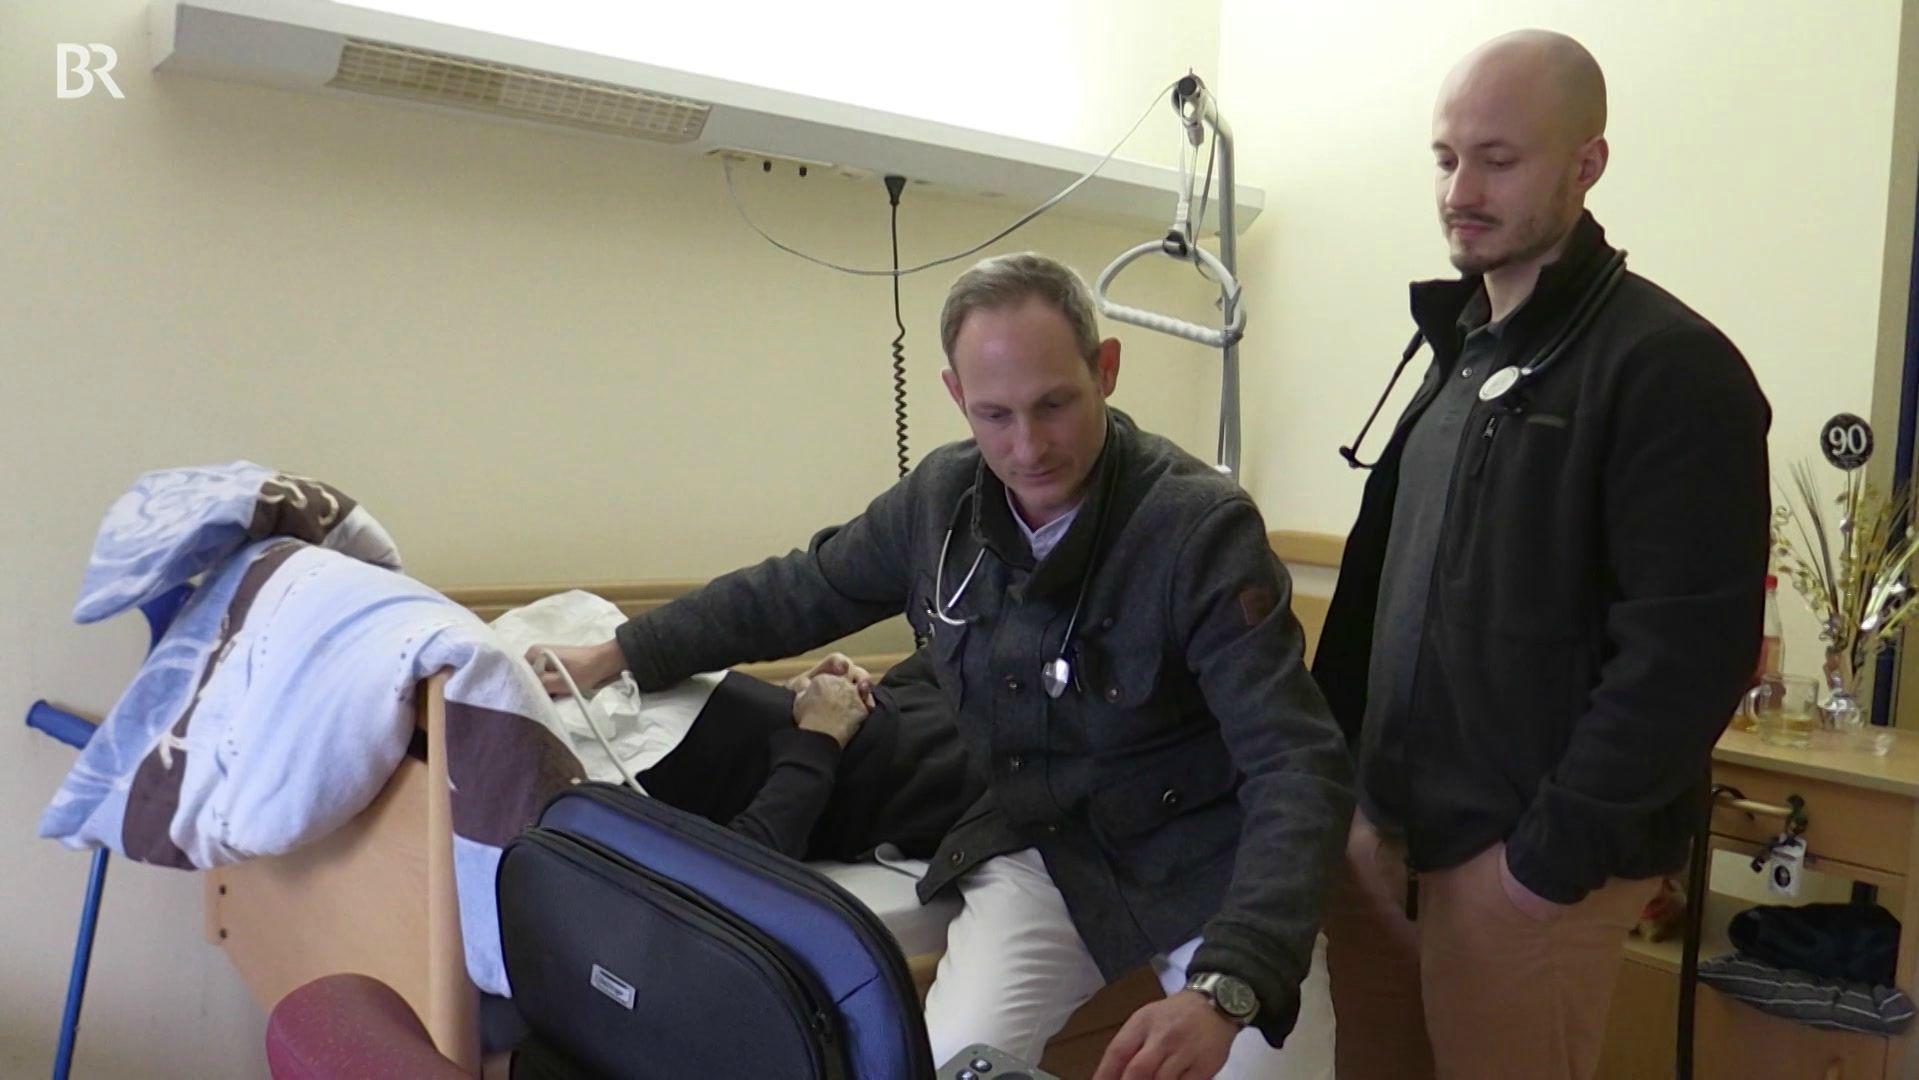 Hausarzt Dr. Sitter und Medizinstudent Stefan von Rotenhan am Bett eines Patienten